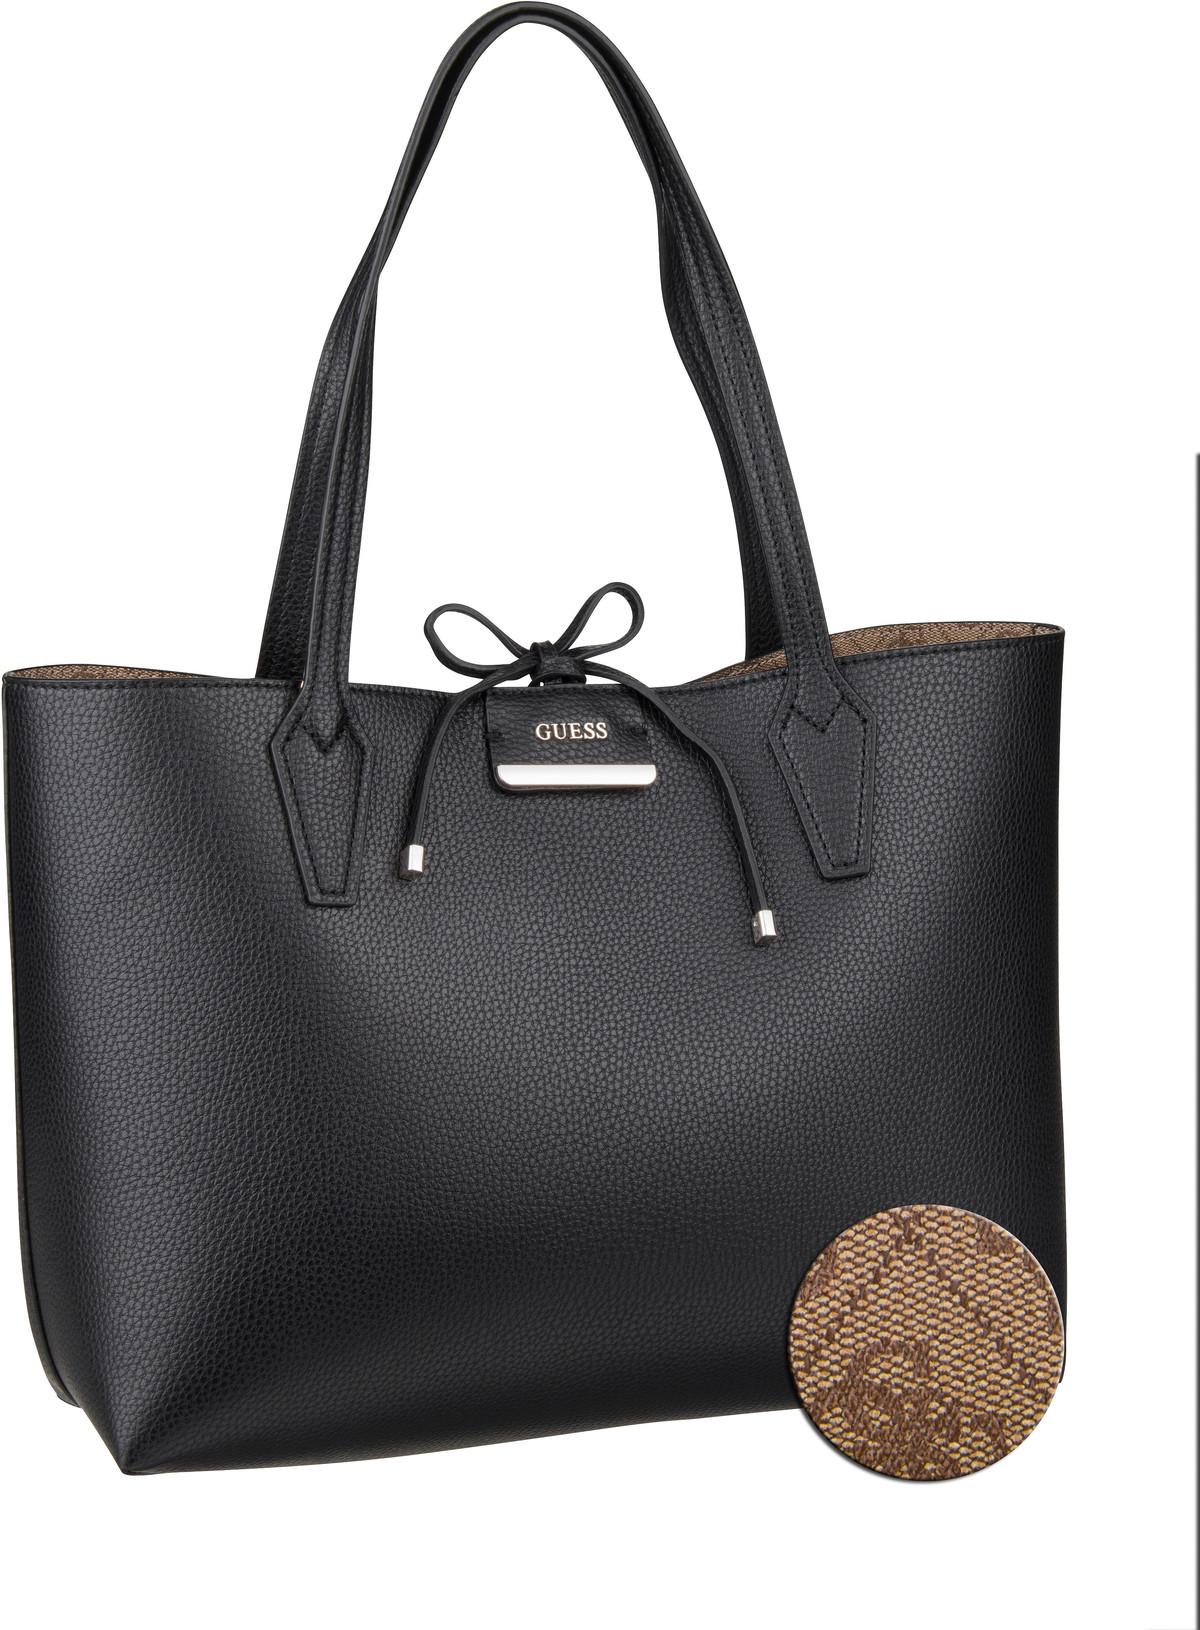 Handtasche Bobbi Inside Out Tote Black/Brown (innen: Braun)